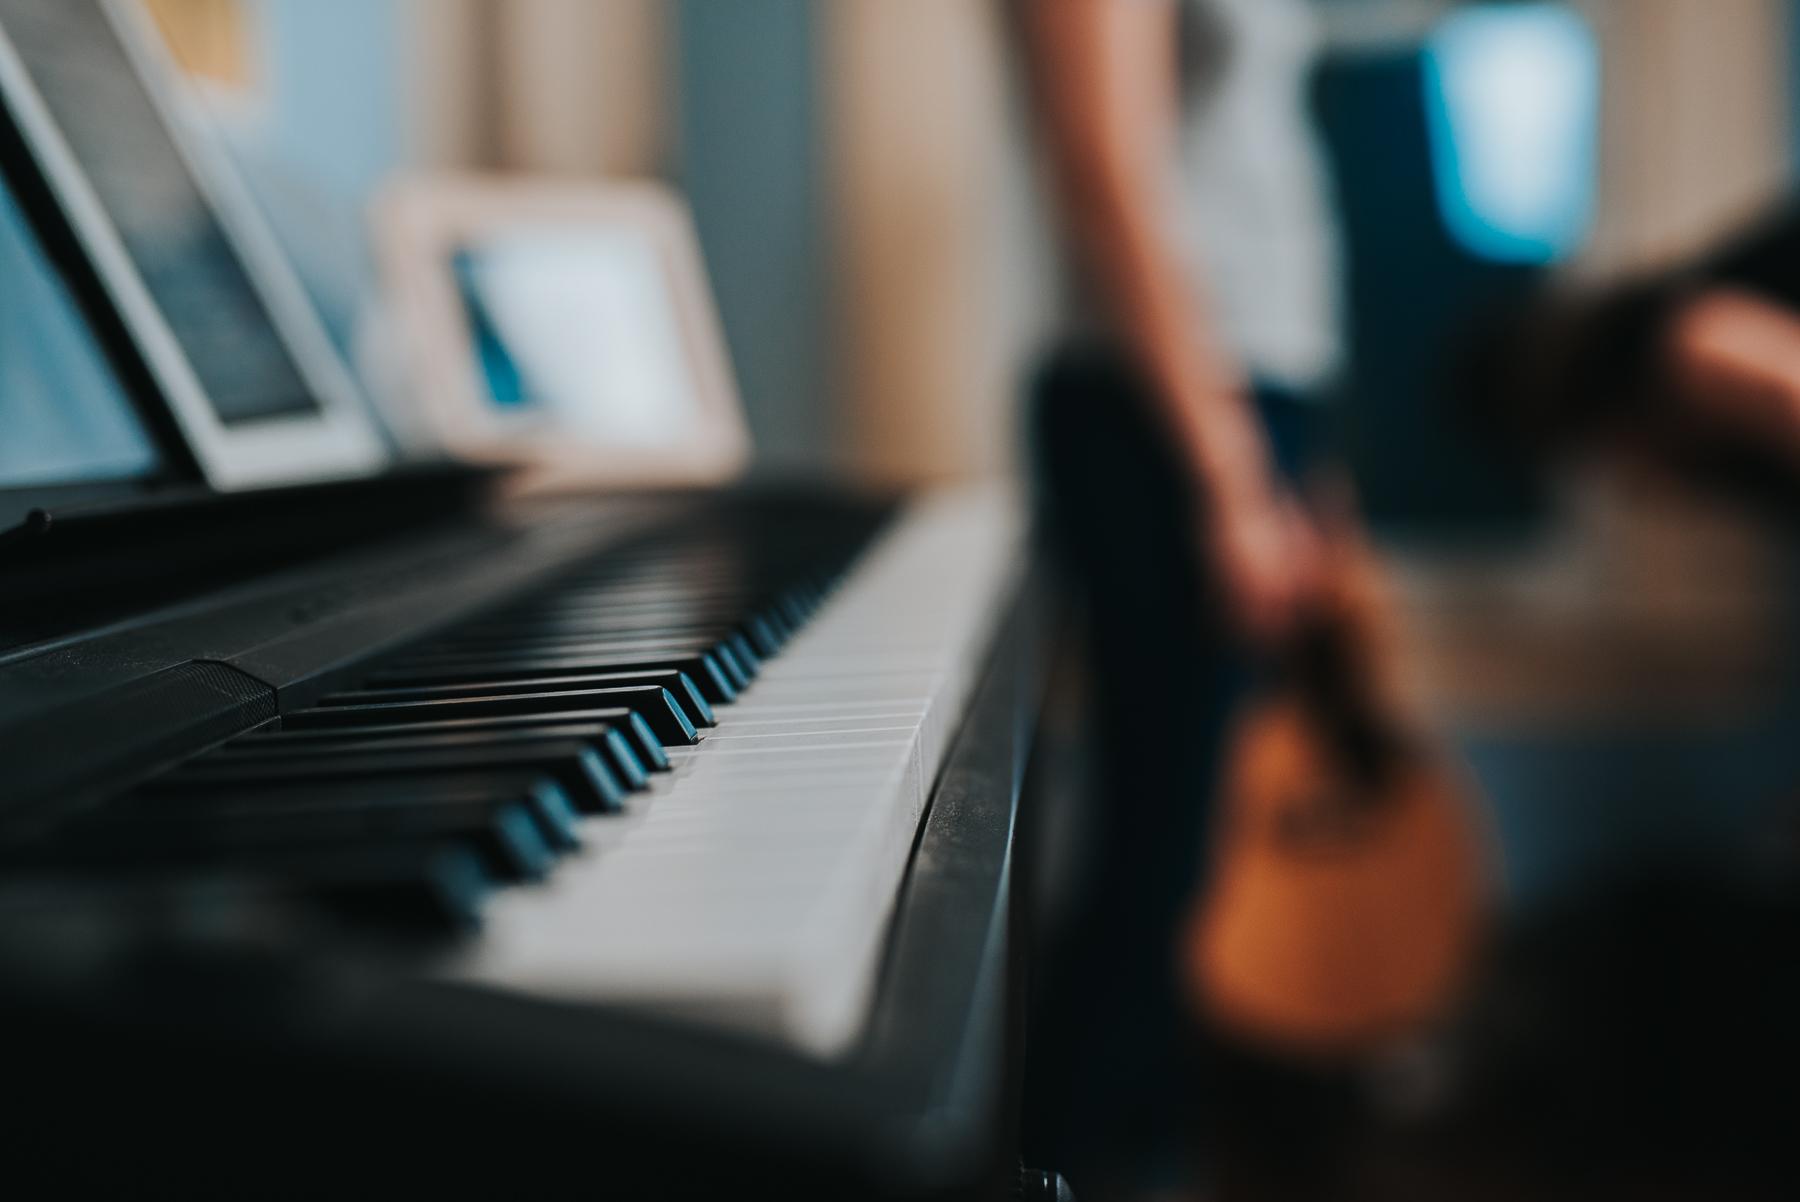 Yamaha P140 Digital Piano at Haley Katrin Studios